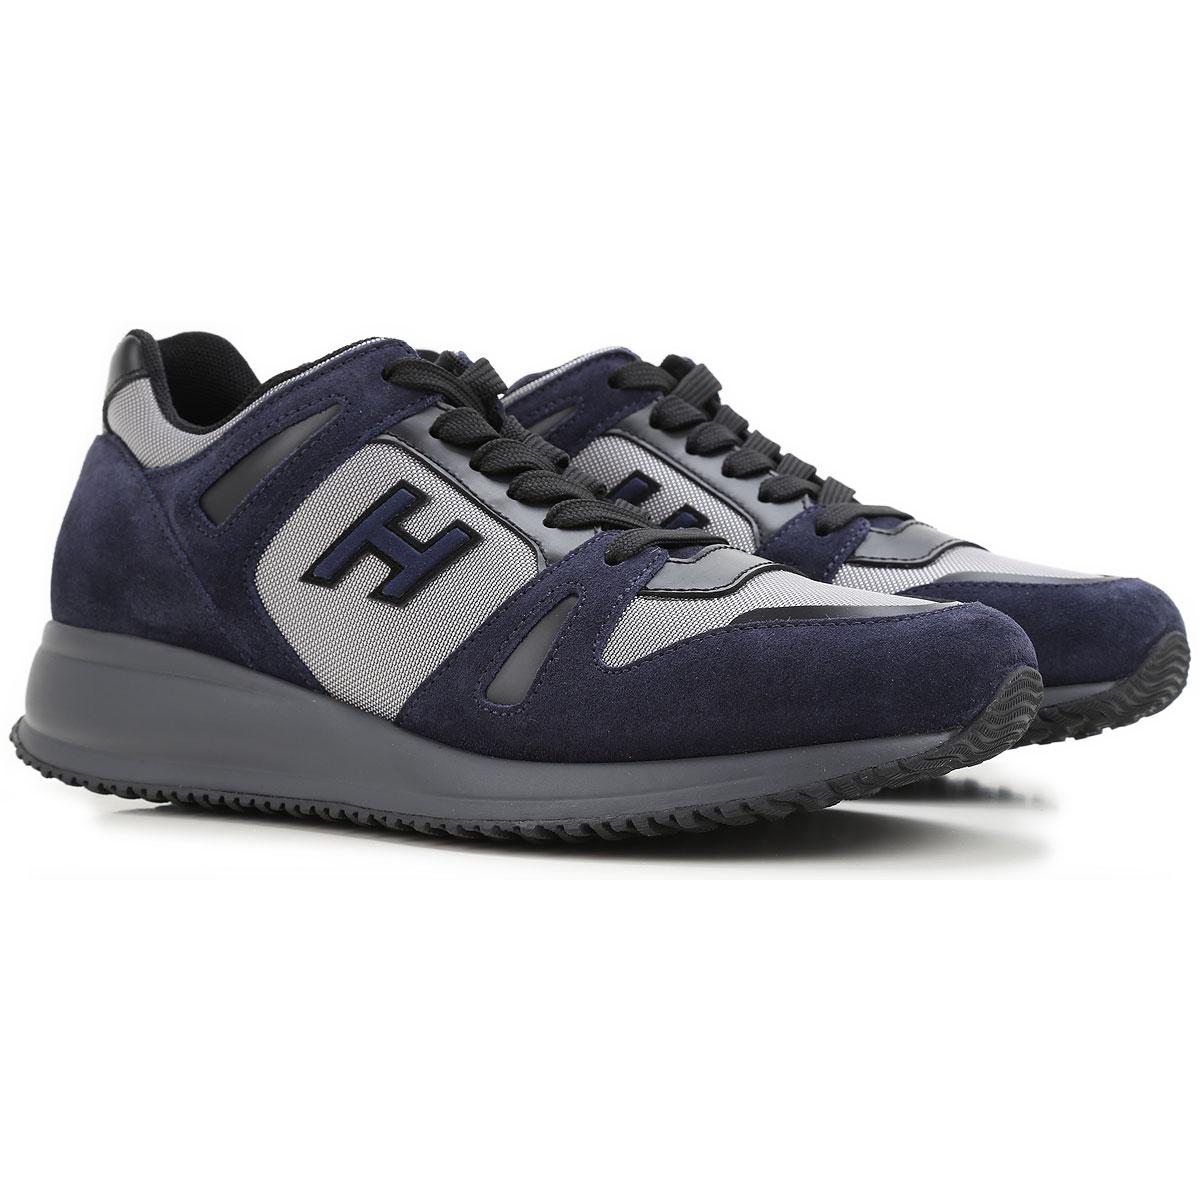 Chaussures De Sport Pour Les Hommes En Vente, Bleu Foncé, Tissu, 2017, 6,5 Hogan